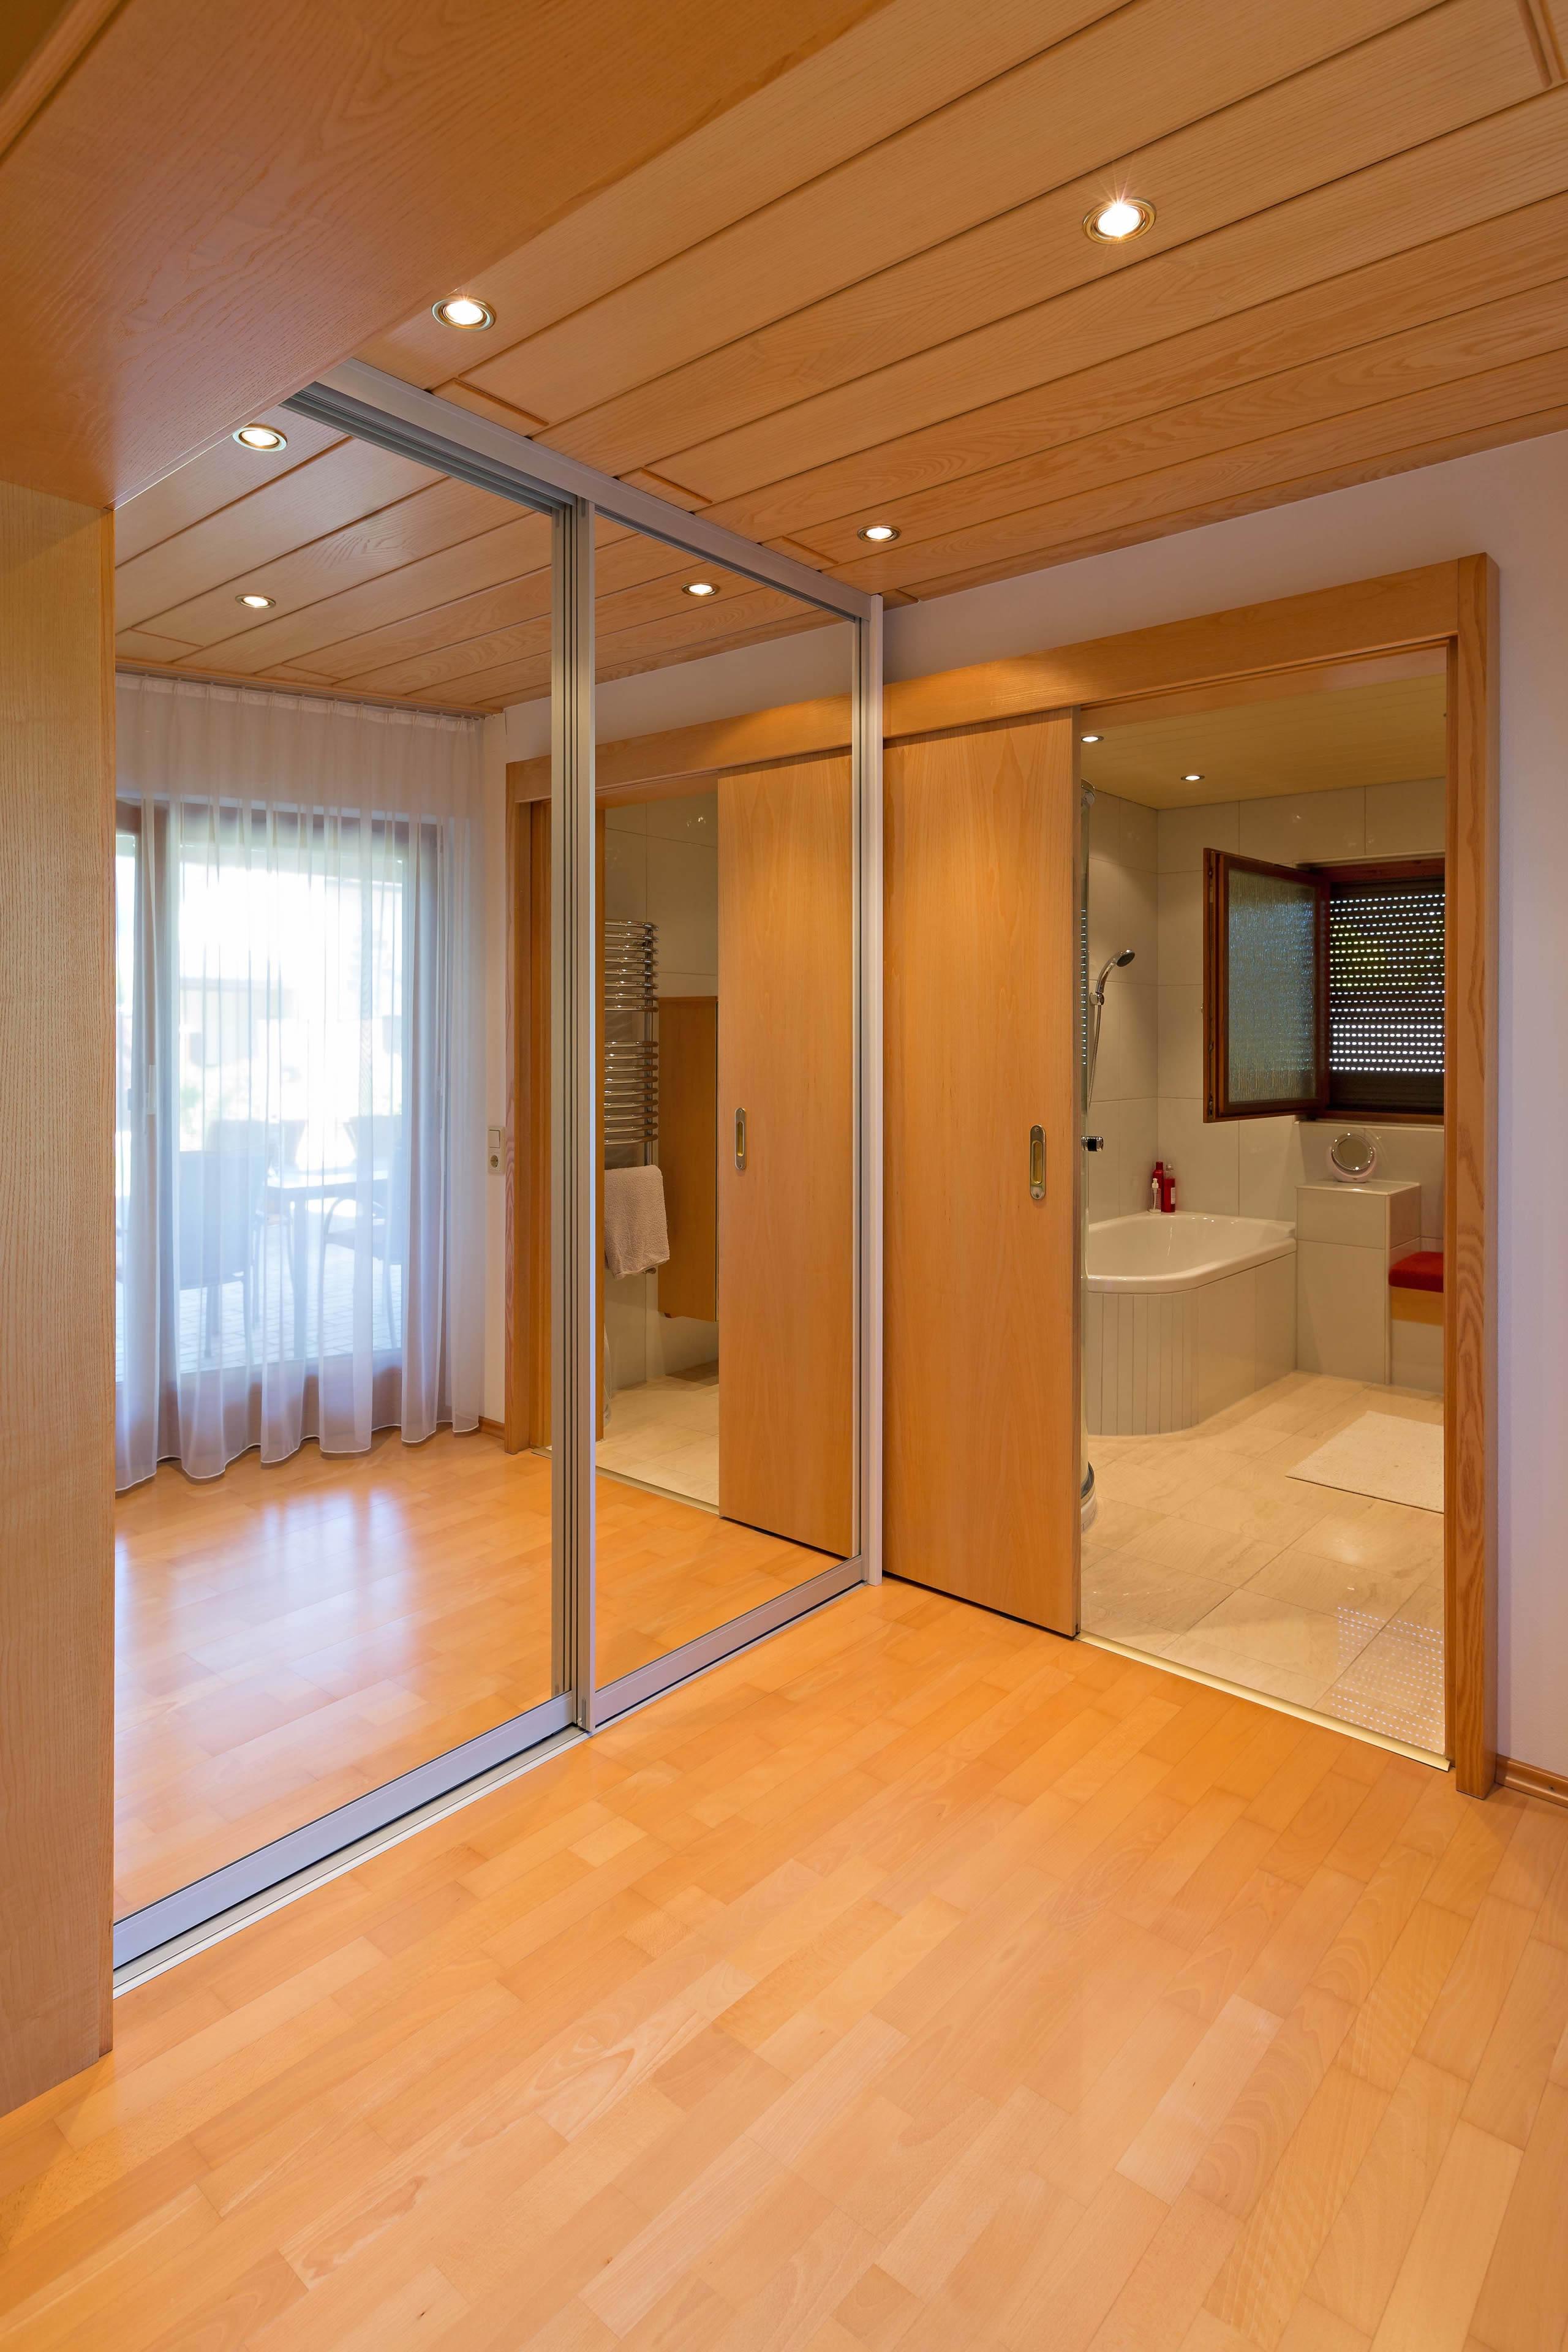 spiegelschrank im durchgang vom schlafzimmer ins badezimmer auf zu. Black Bedroom Furniture Sets. Home Design Ideas